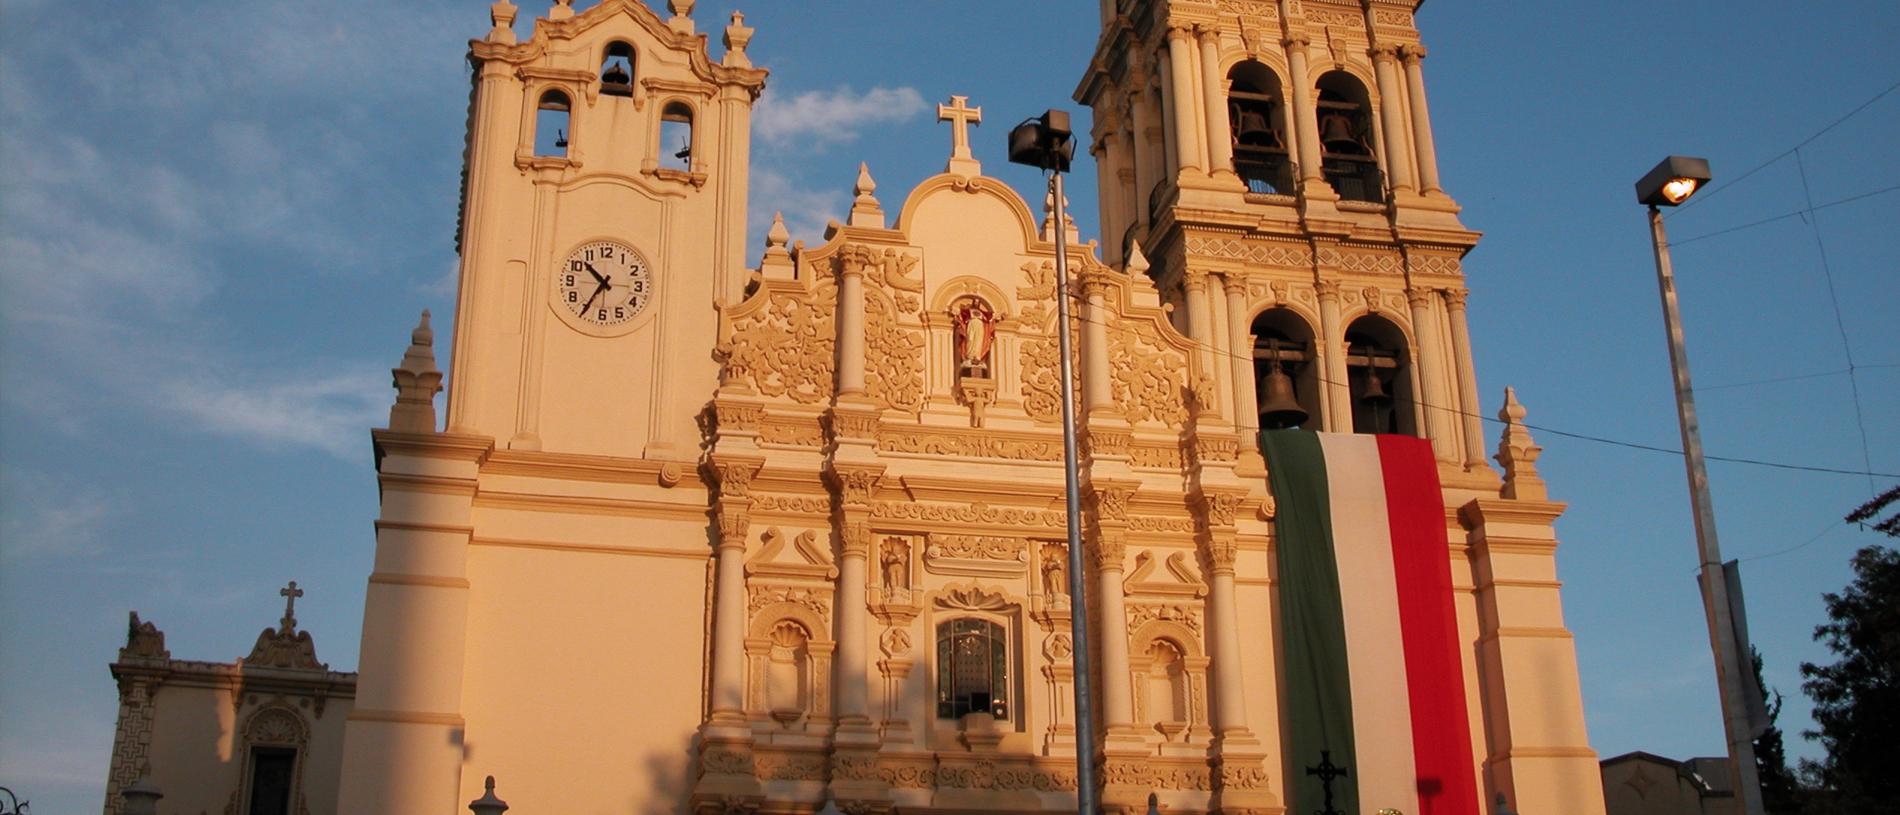 monterrey_mexico_3